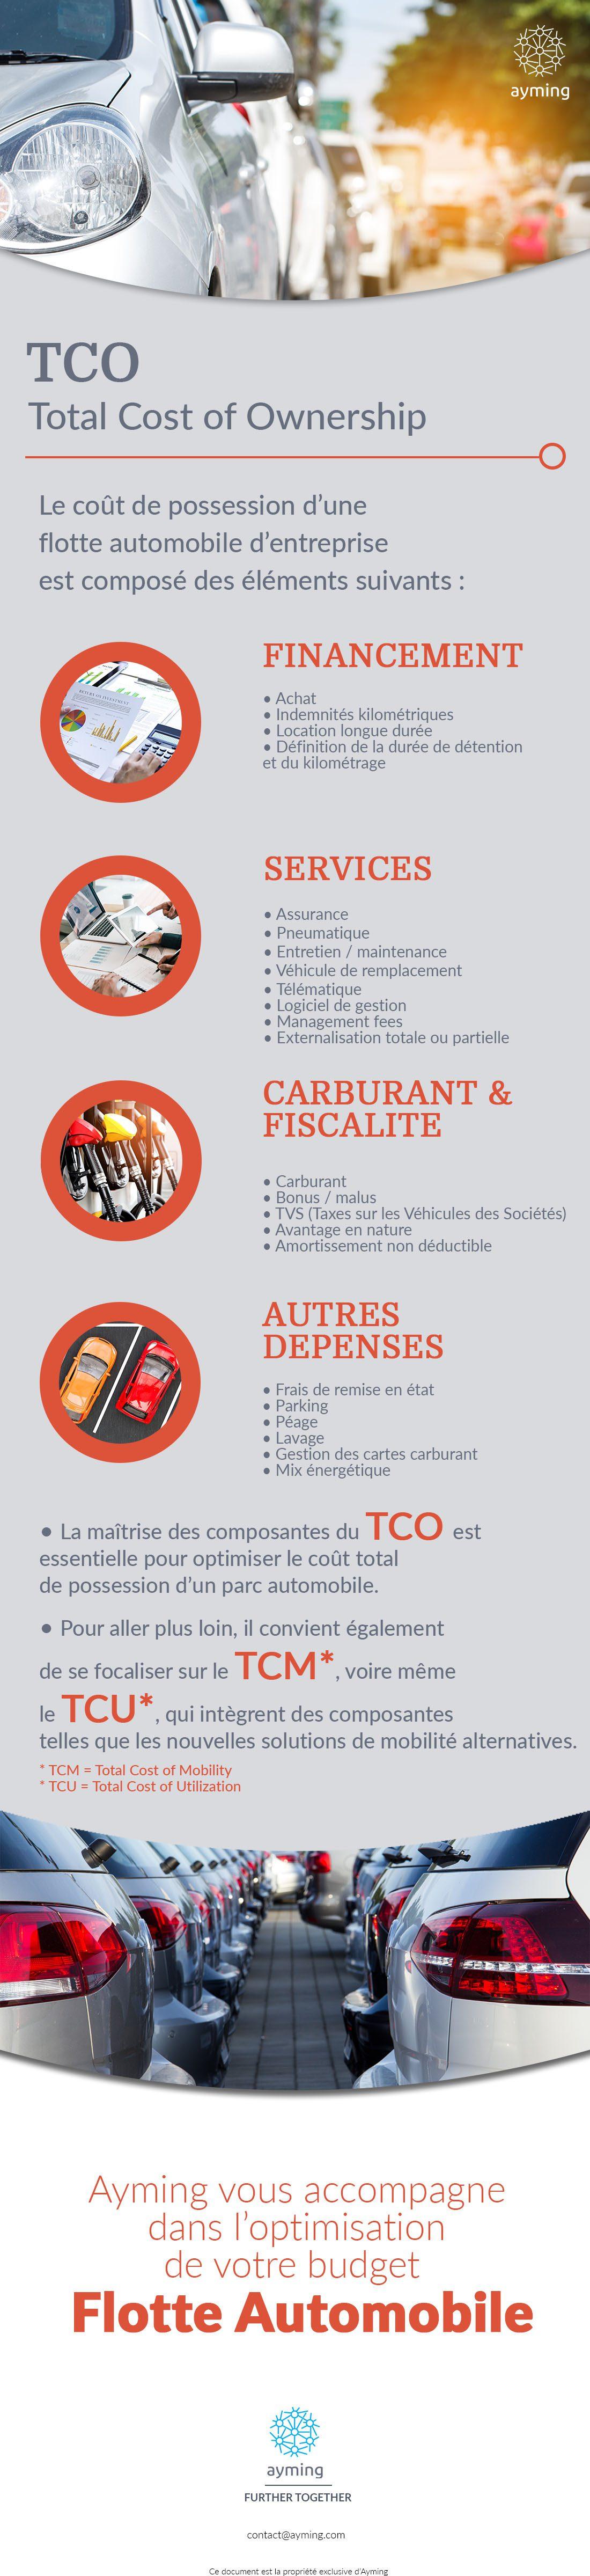 Infographie : Le coût de détention de votre flotte automobile (TCO)